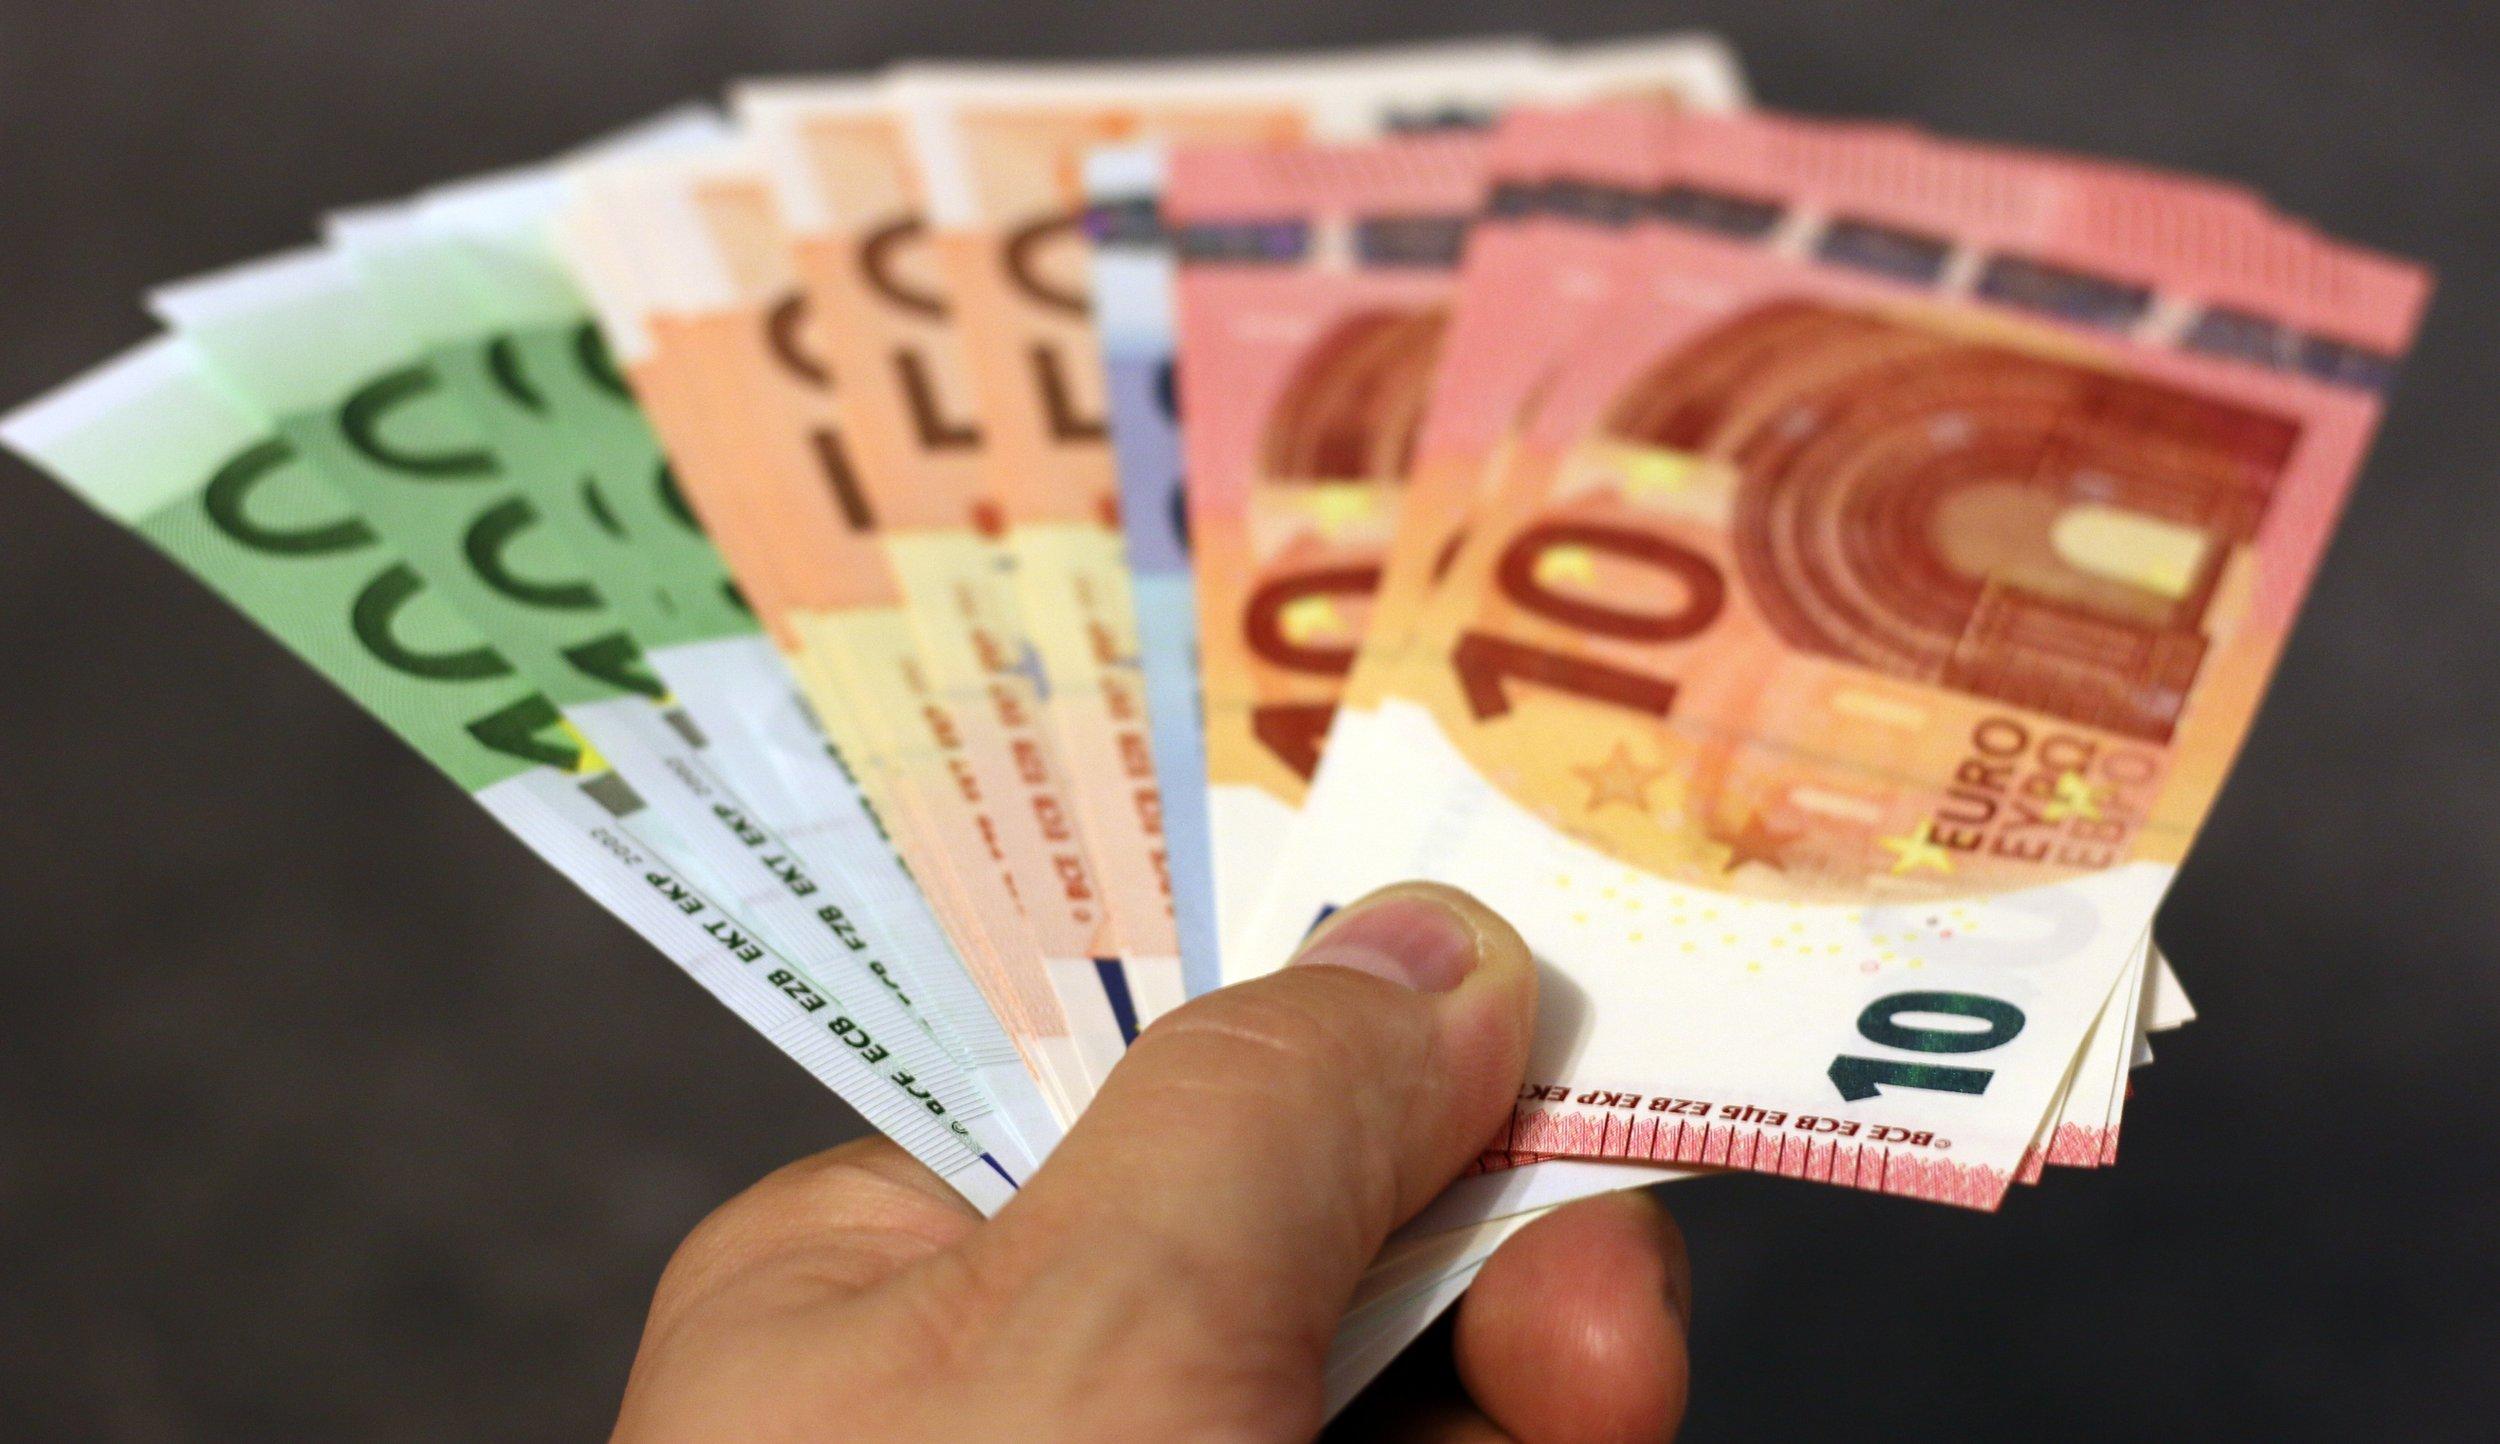 bank-note-banknote-banknotes-259251.jpg